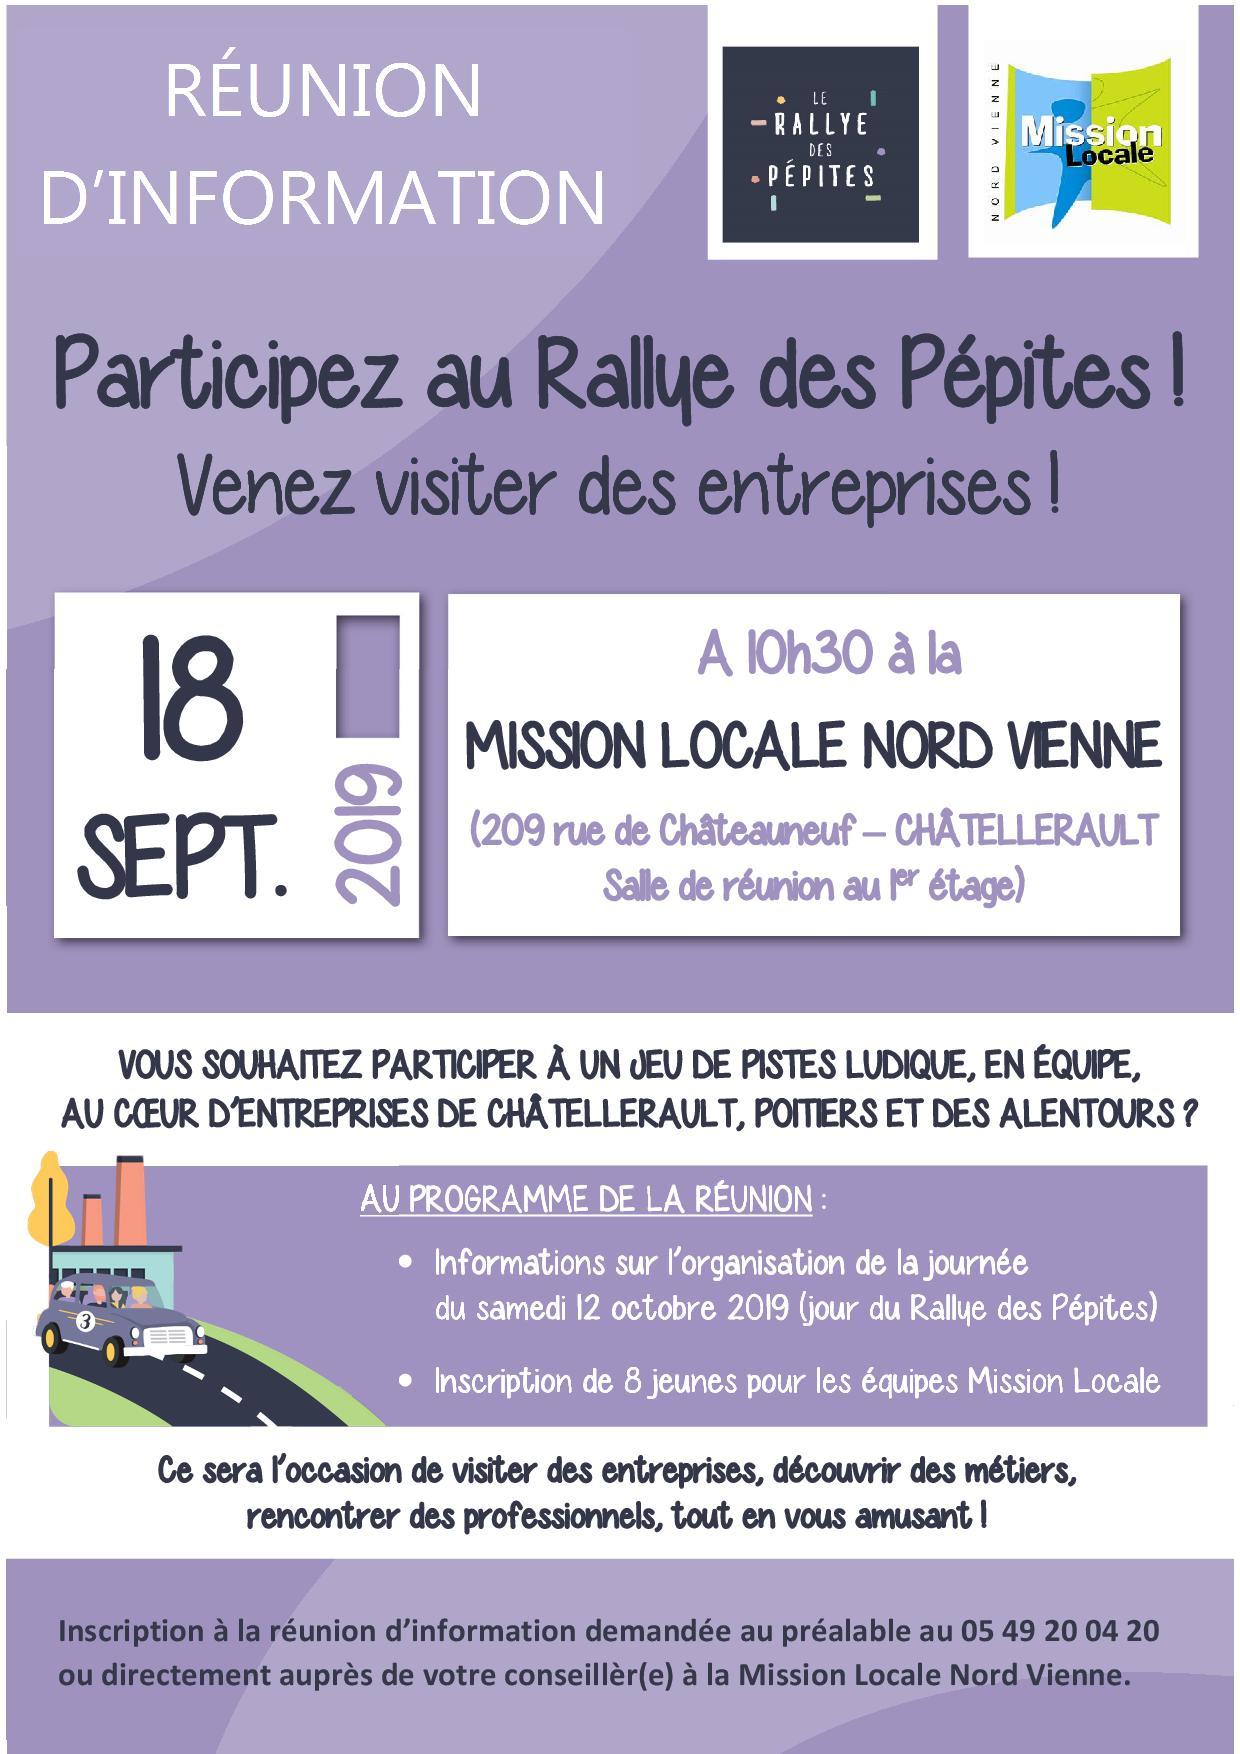 RÉUNION D'INFORMATION : Participez au Rallye des Pépites ! 18 septembre 2019